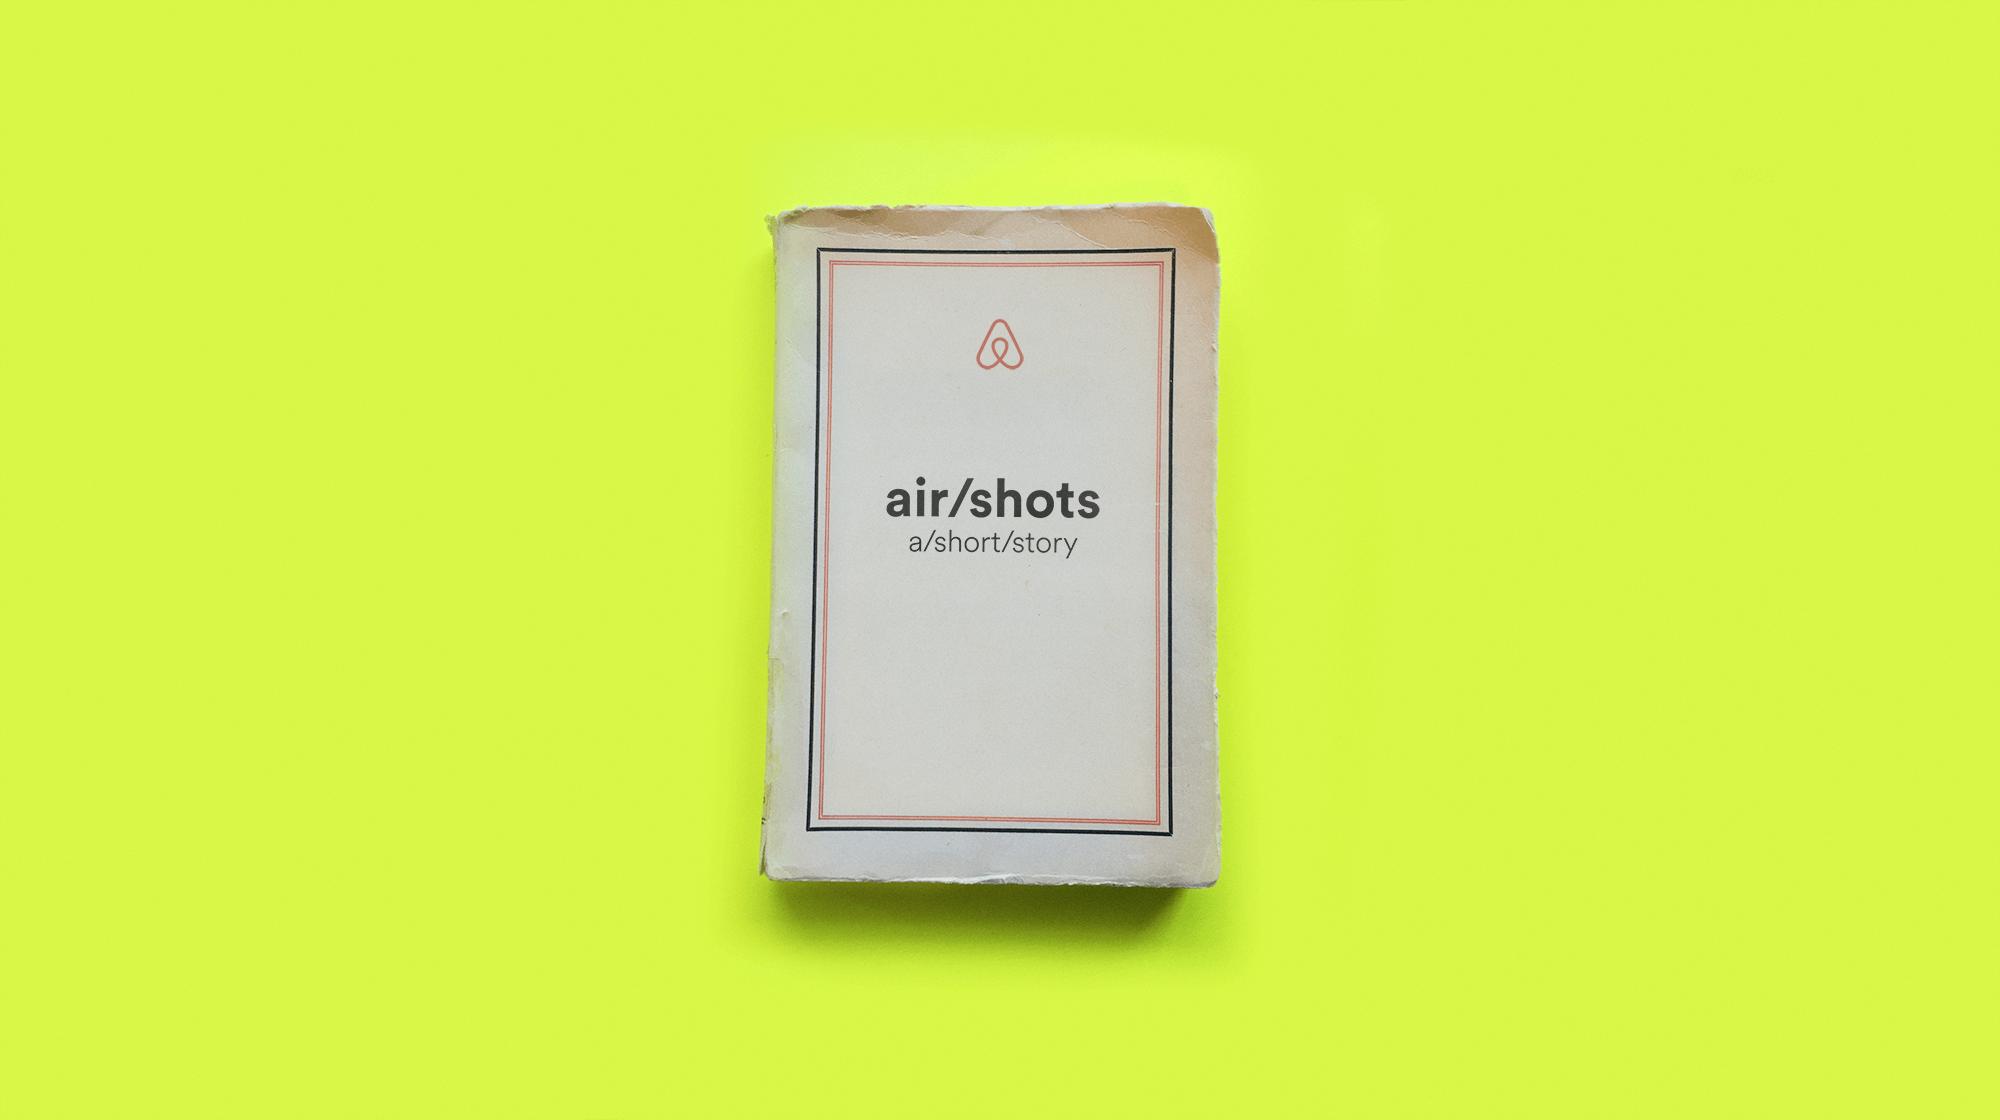 Air/shots